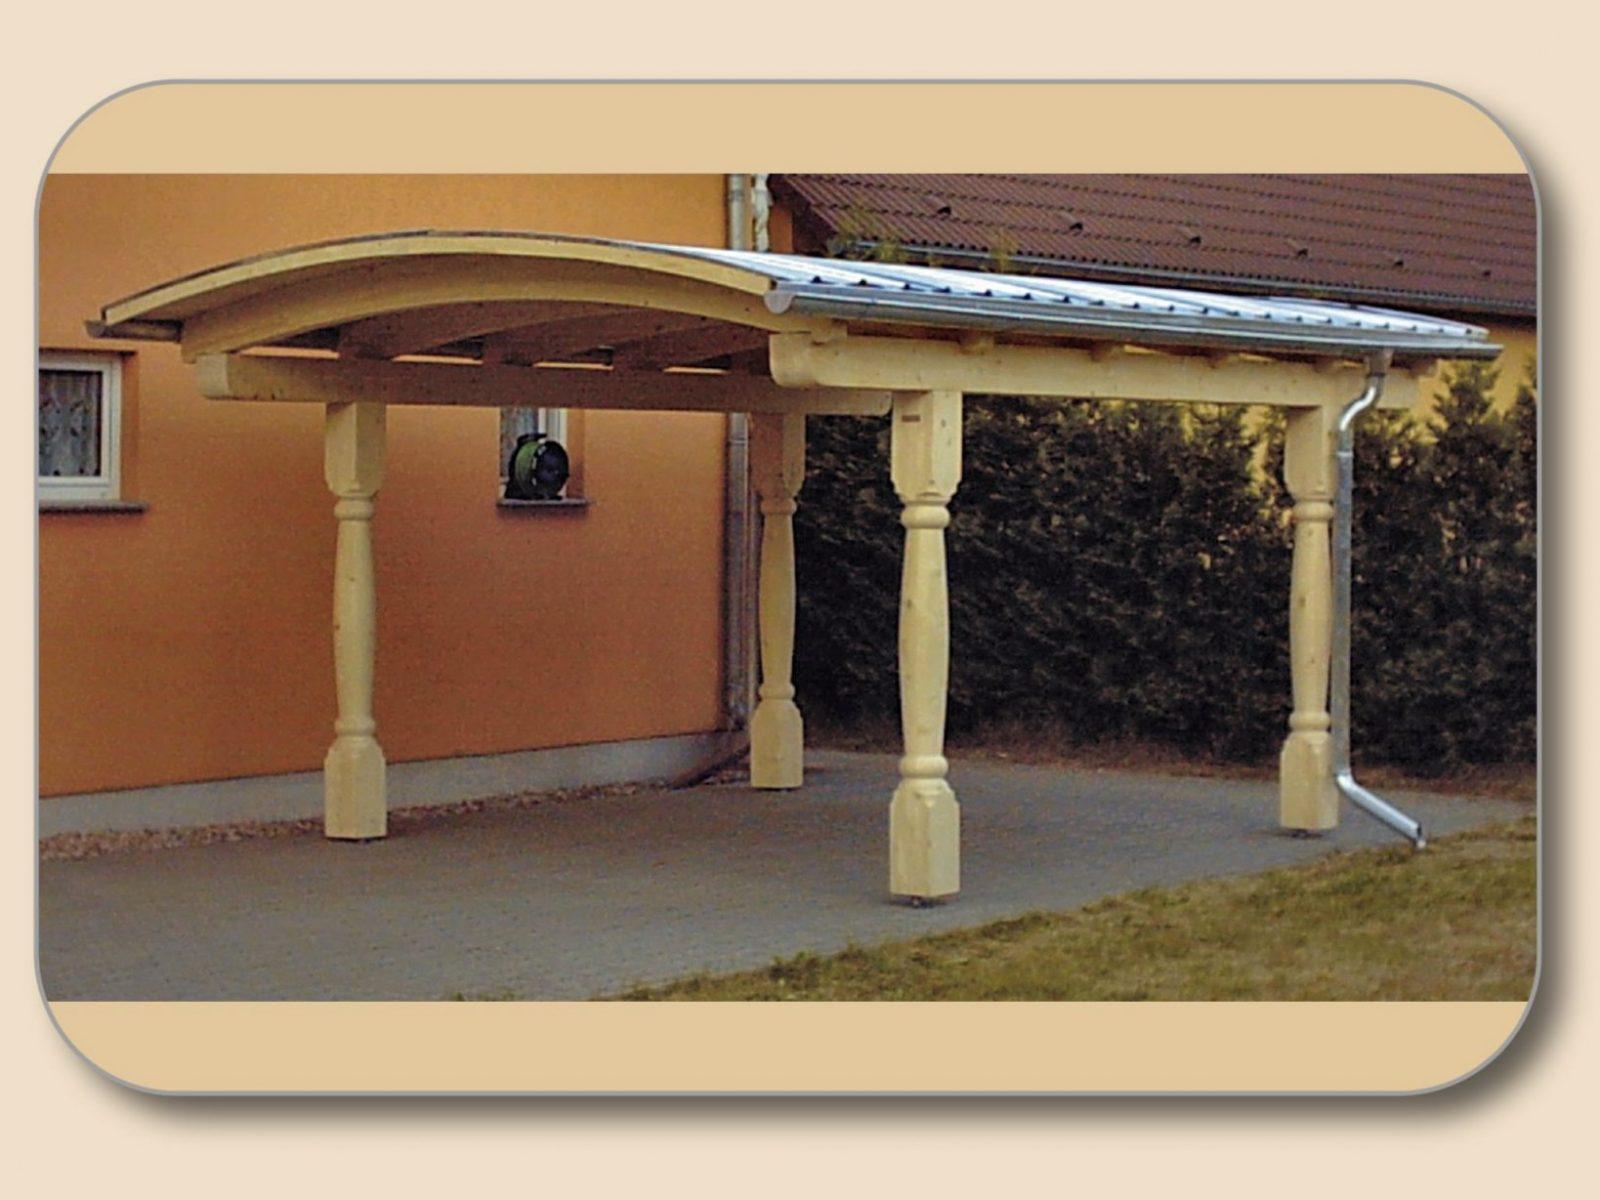 Carport Selber Bauen Mit Anleitung Von Holzon von Carport Selber Bauen Architektur Allgemein Photo